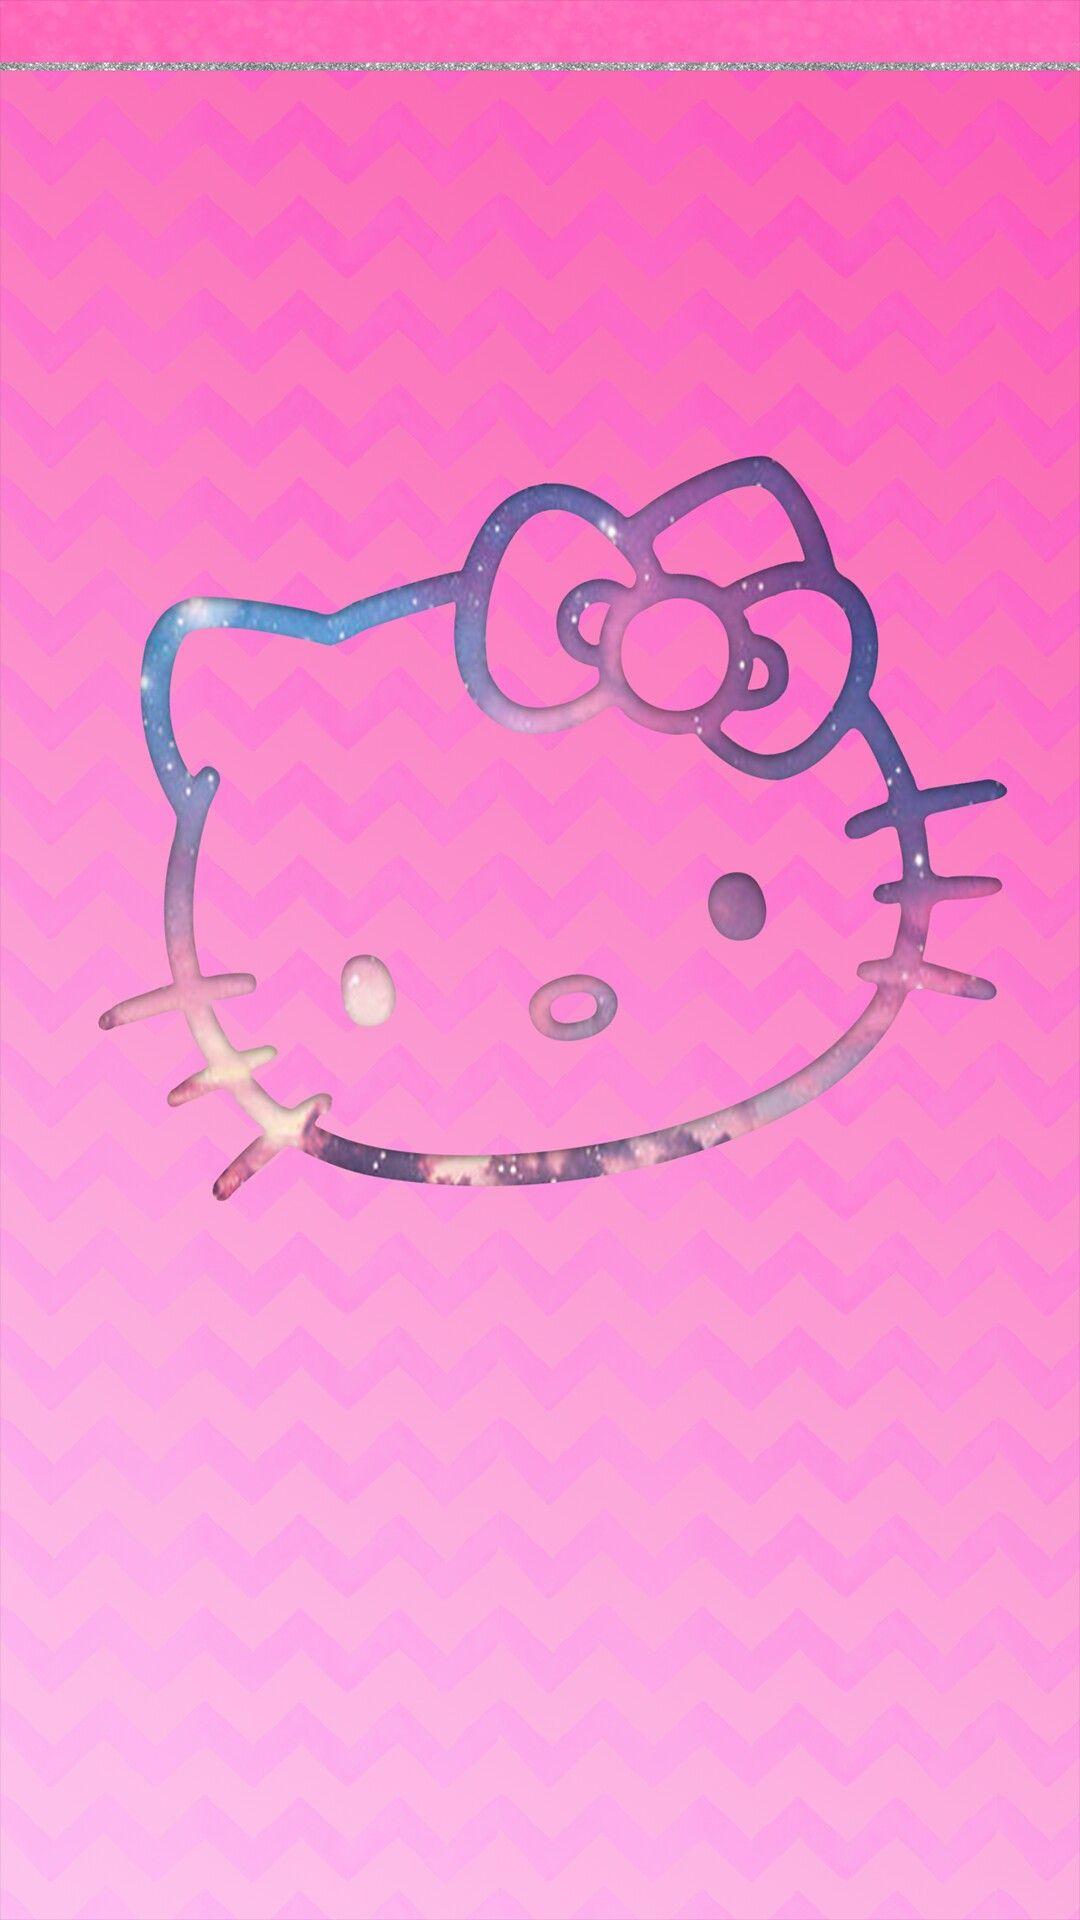 Hello Kitty Hello Kitty Wallpaper Hello Kitty Backgrounds Hello Kitty Art